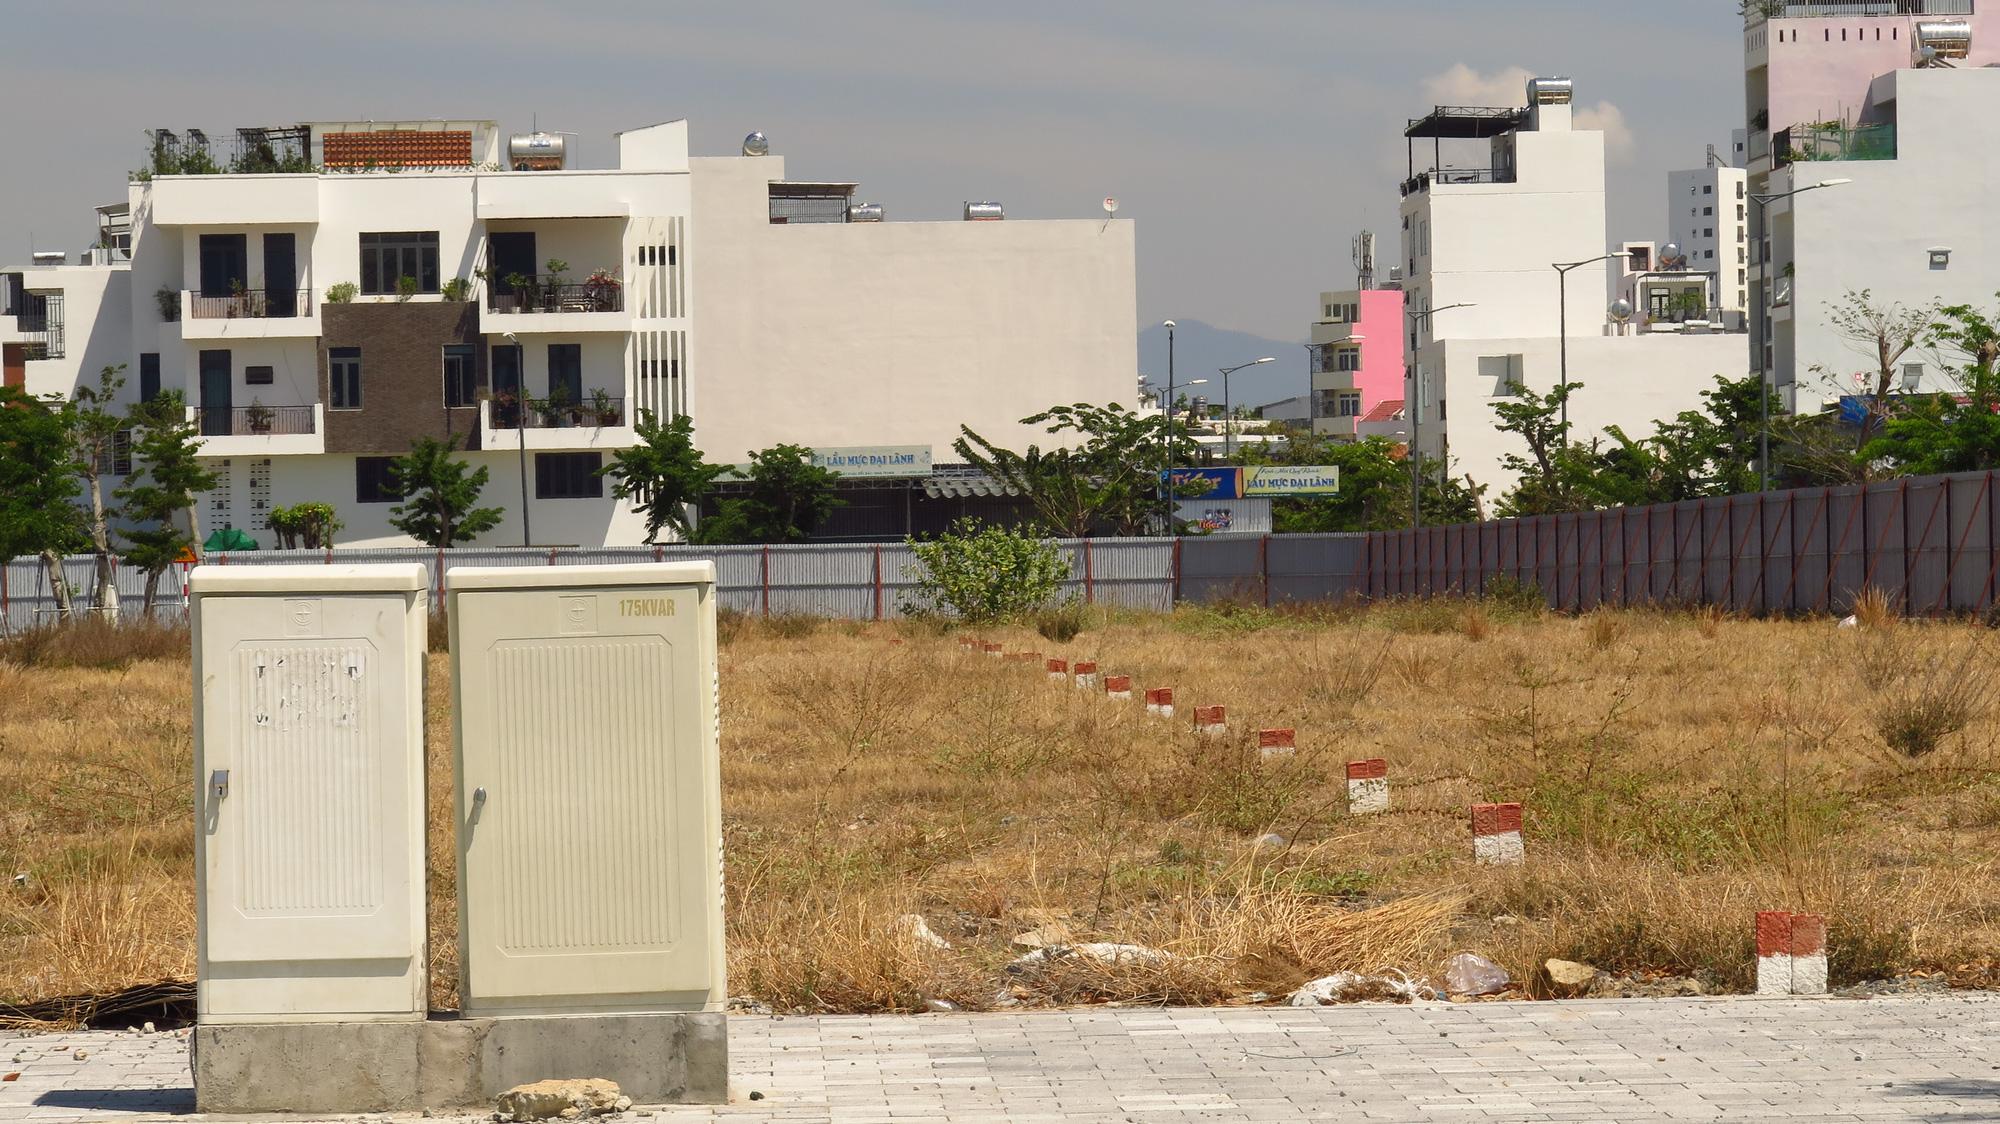 Condotel đóng băng, giá nhà đất Đà Nẵng và Nha Trang lao dốc giảm sâu - Ảnh 3.